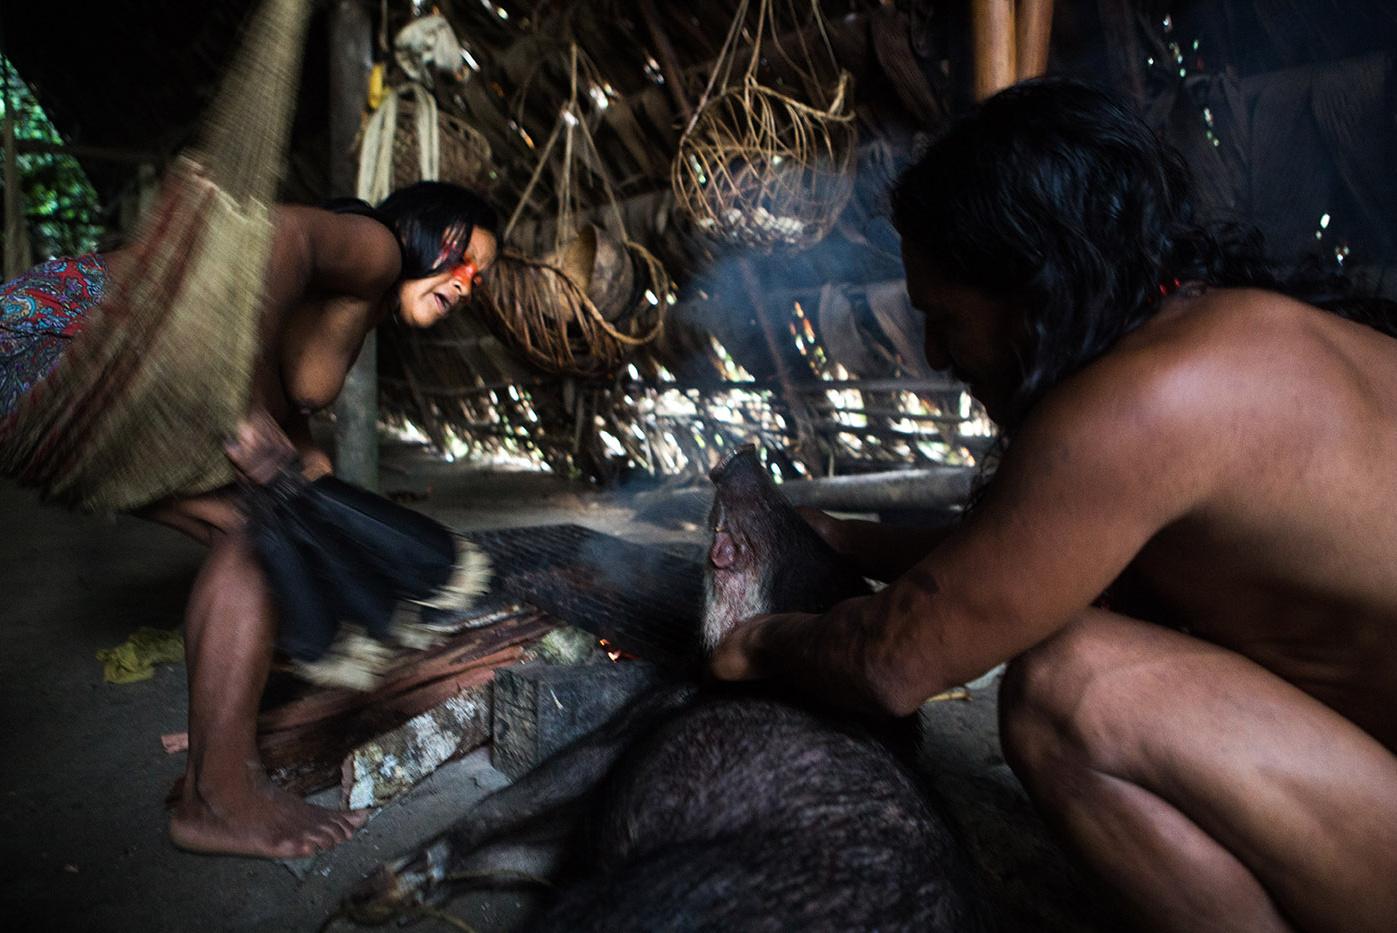 племя амазонок картинки дизайну